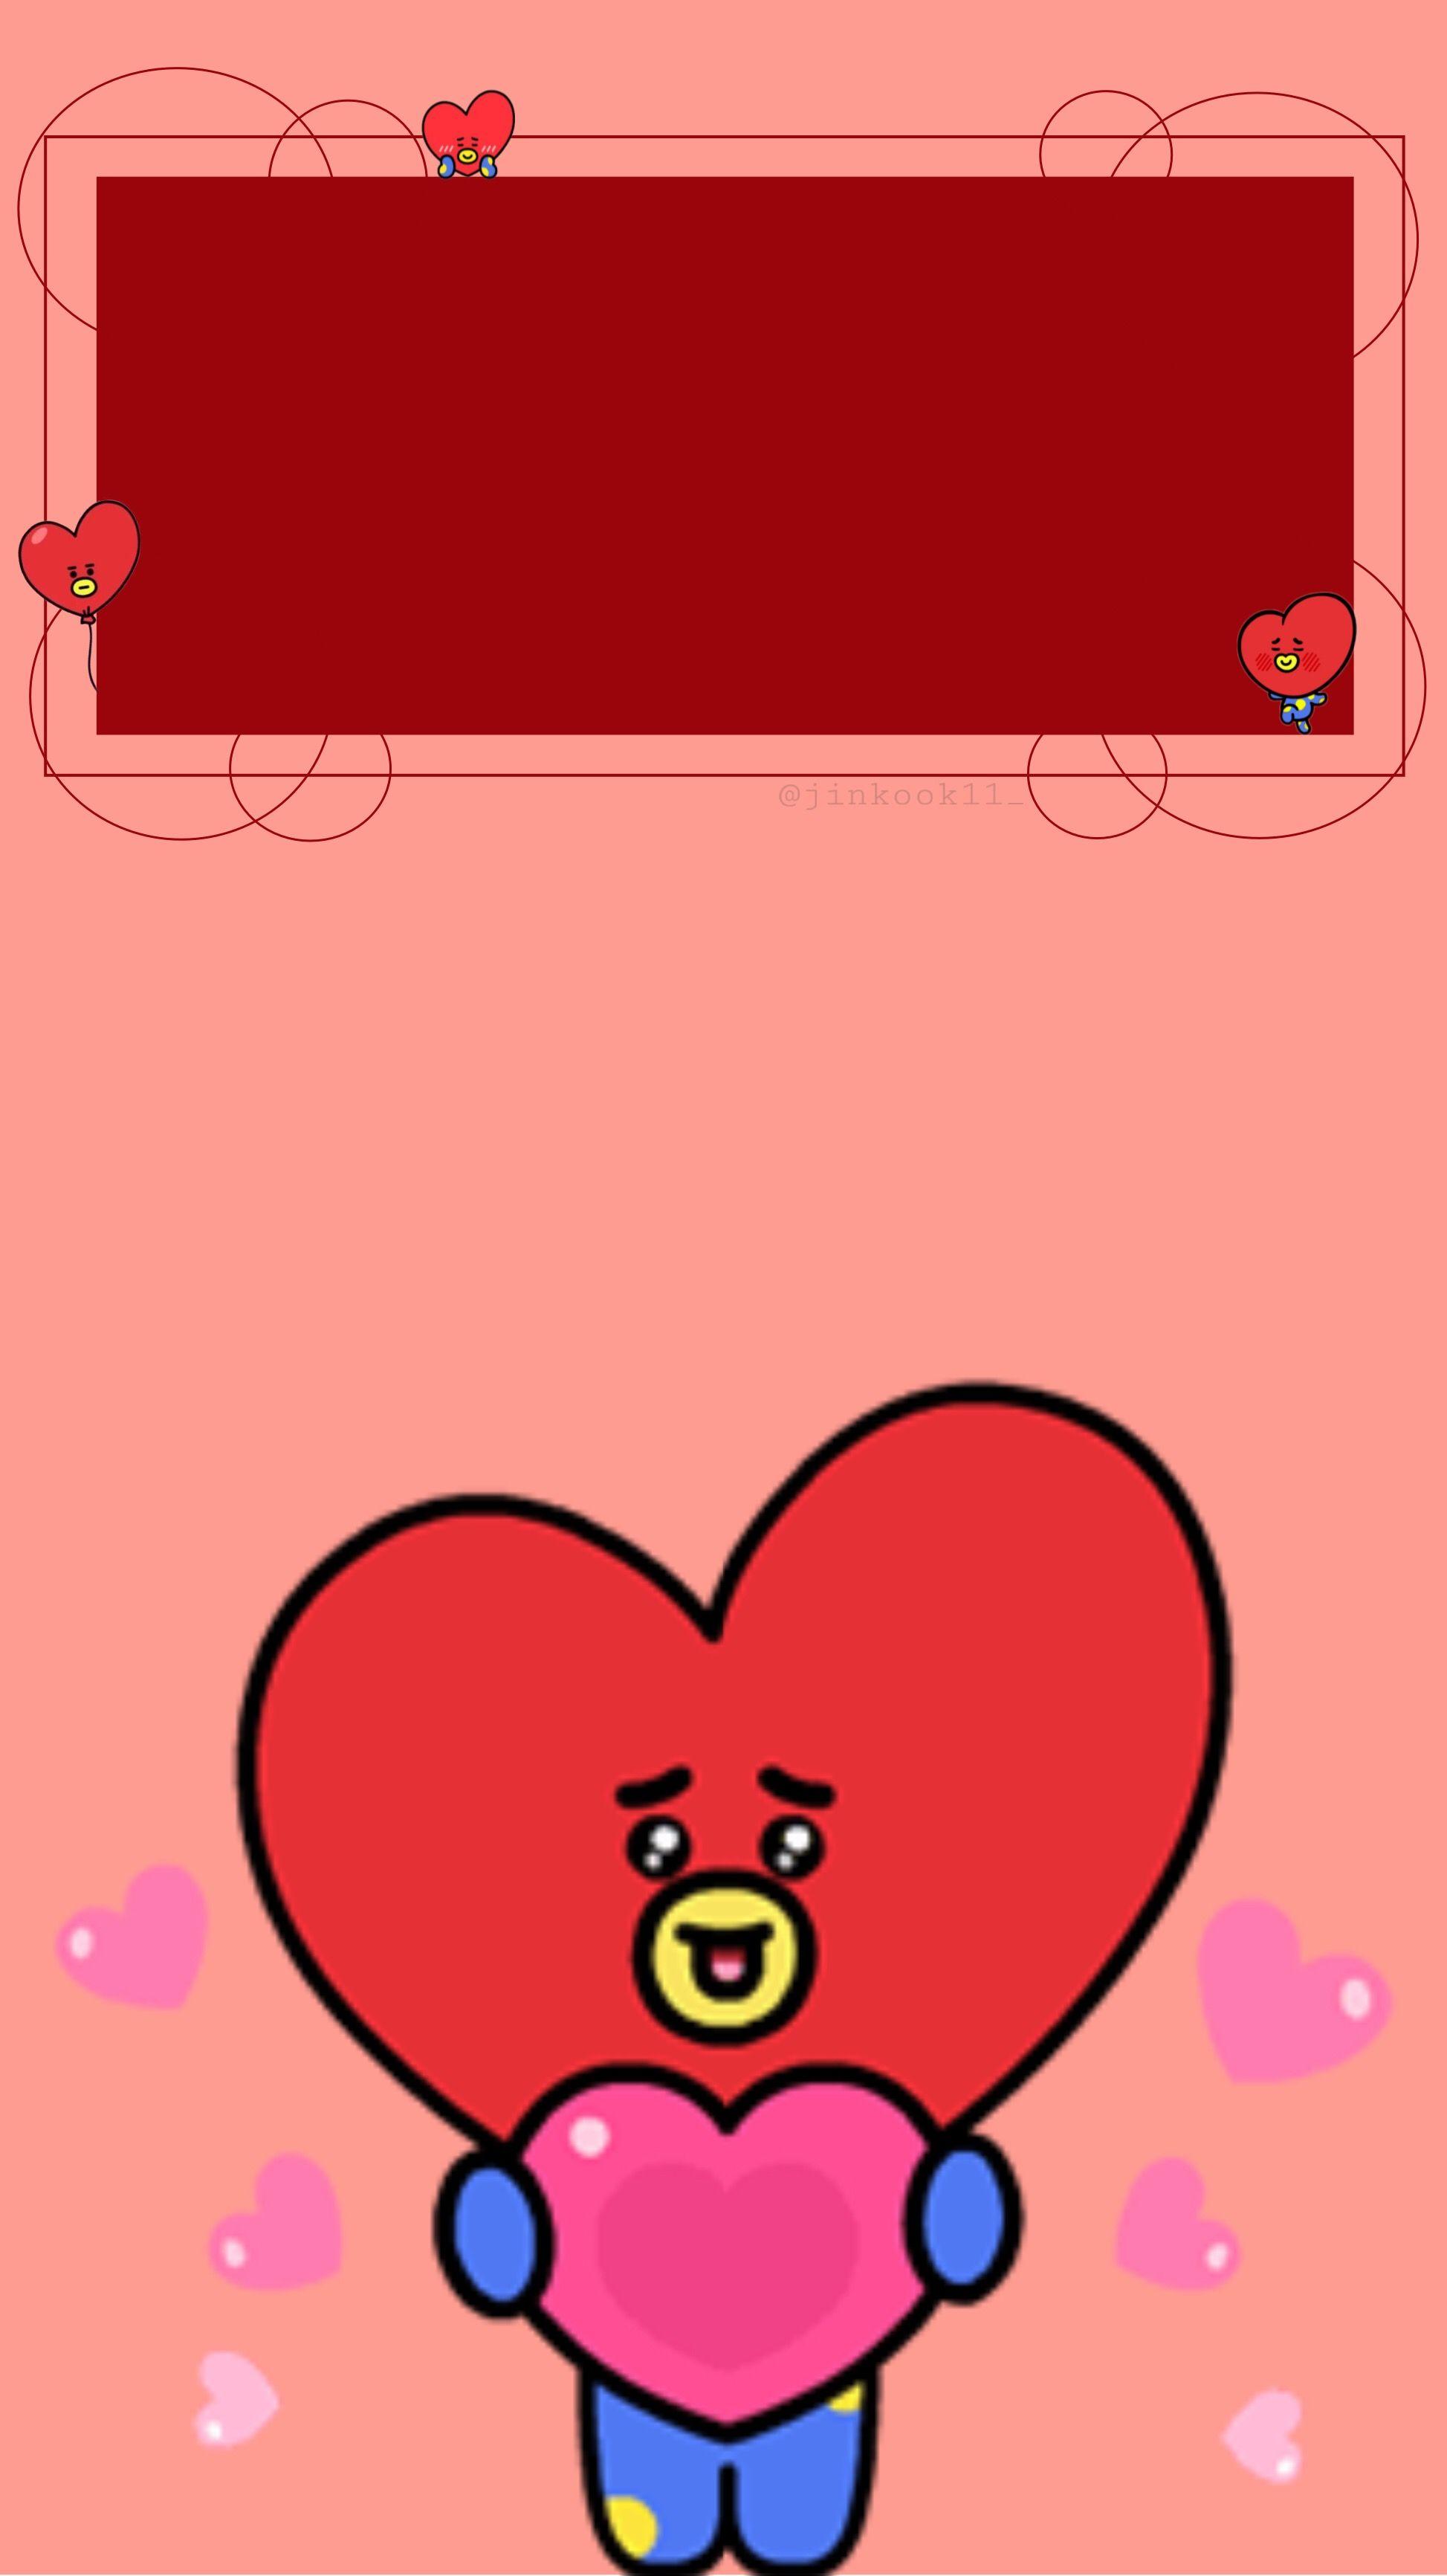 #tata #bt21 #bts #taehyung | Objek gambar, Cara menggambar, Stiker